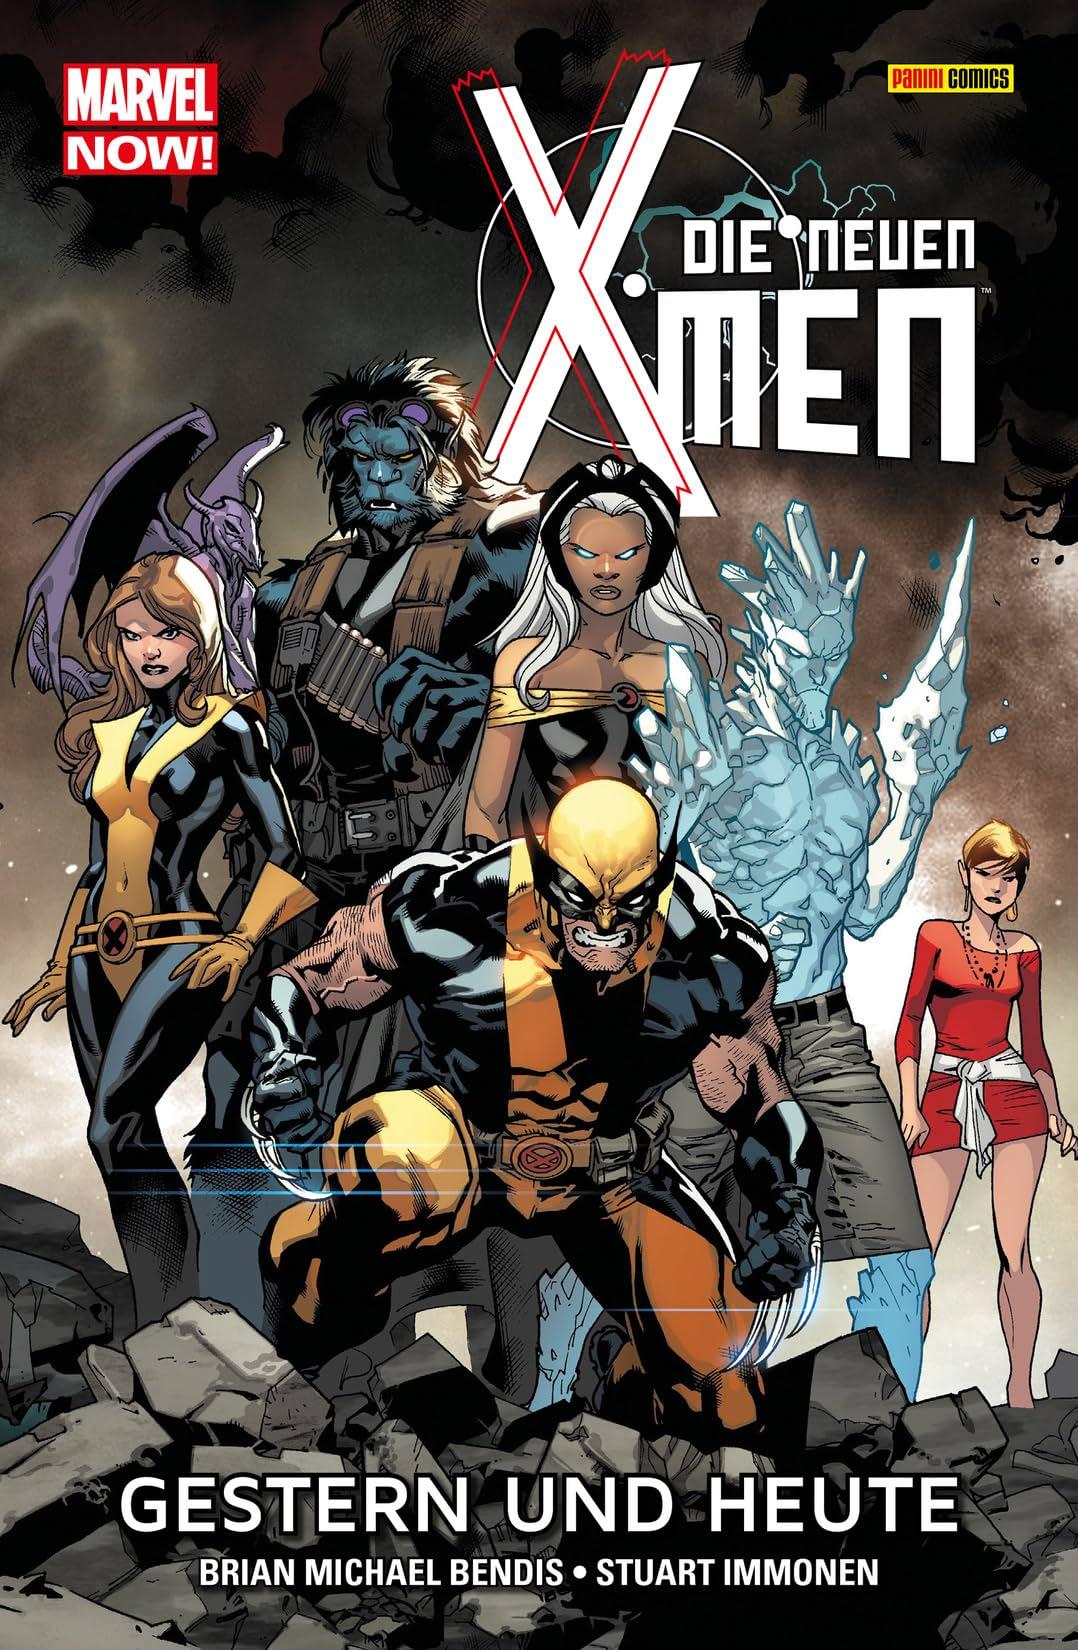 Marvel Now! PB Die neuen X-Men Vol. 1: Gestern und heute